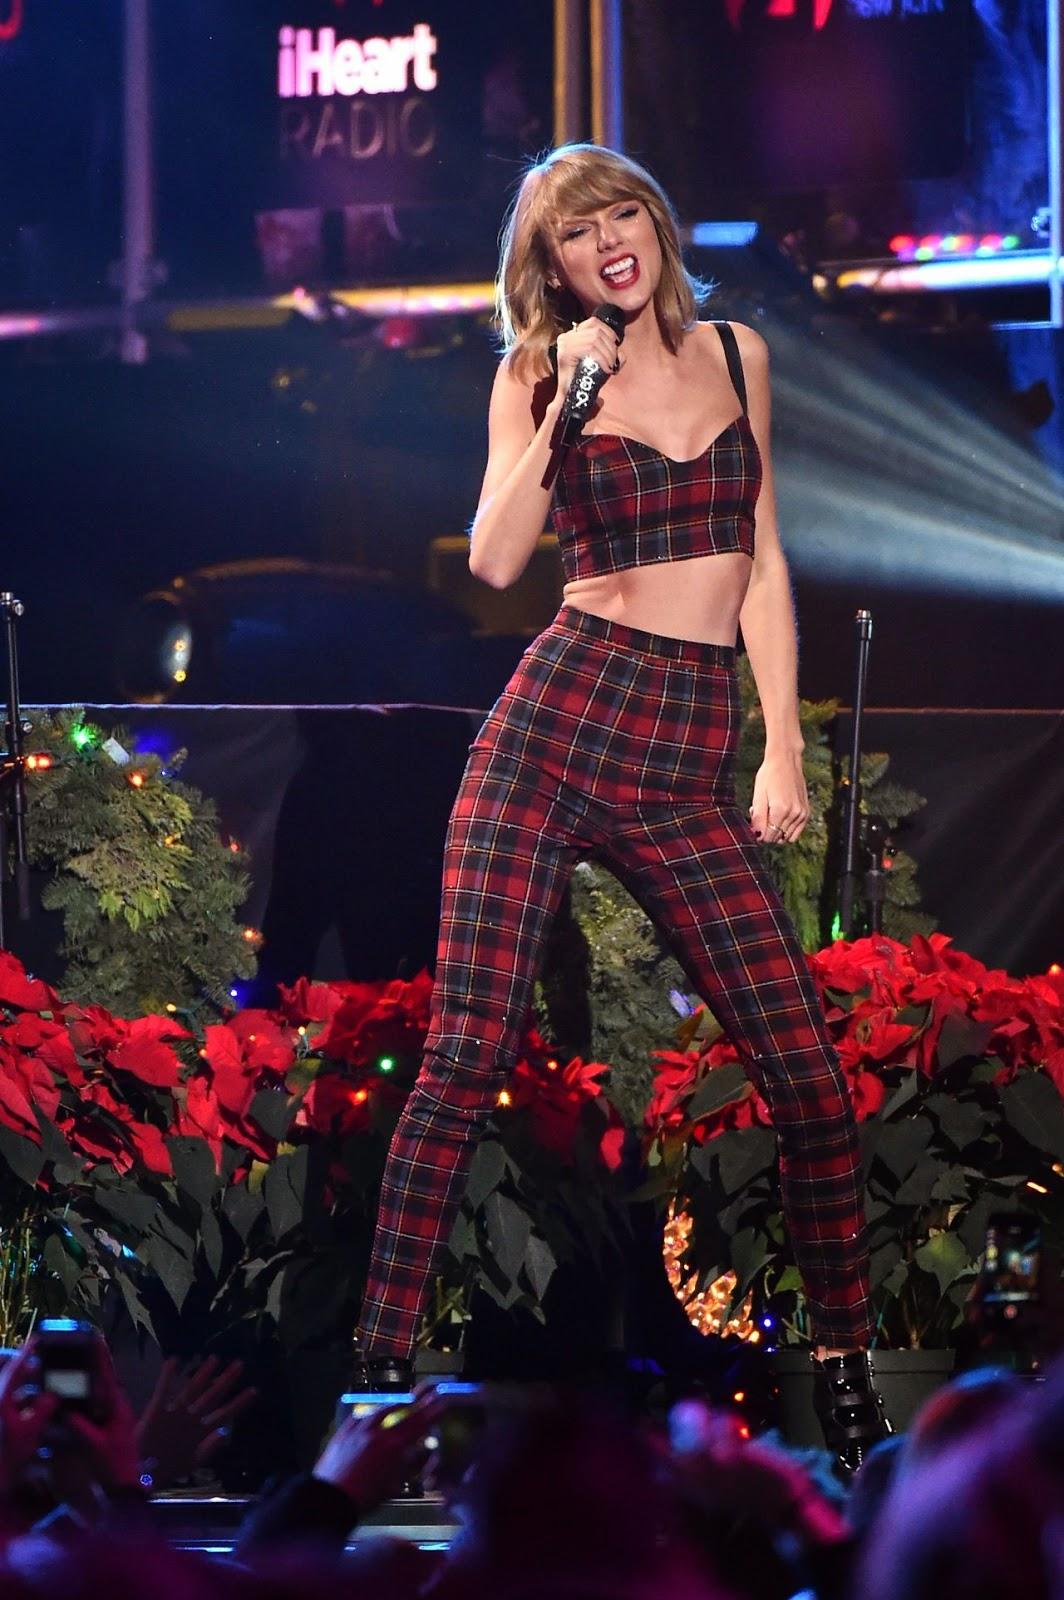 النجمة تايلور سويفت خلال أدائها في Jingle Ball 2014 في نيويورك